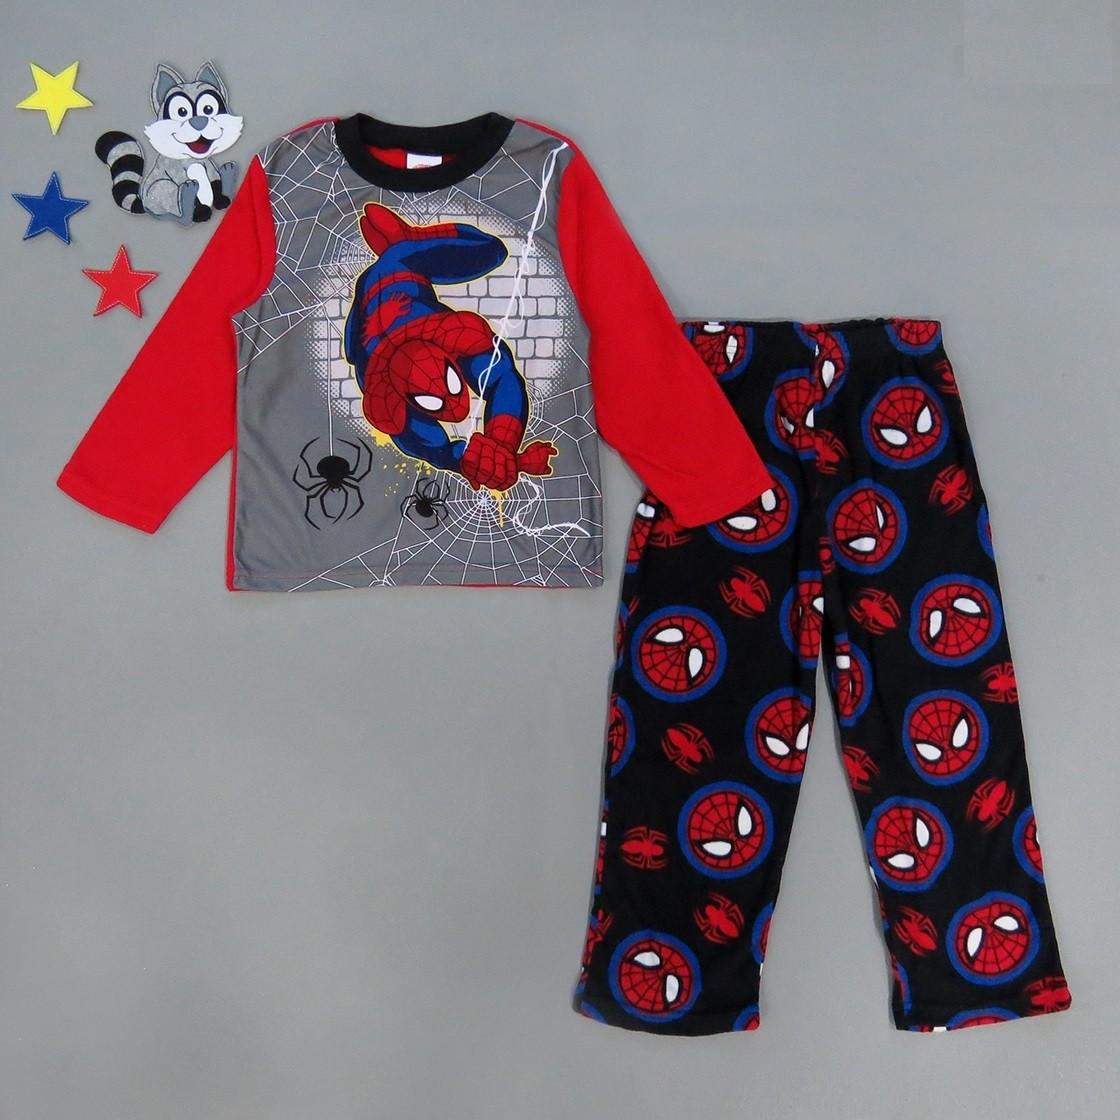 Флисовая пижама Spiderman для мальчика.